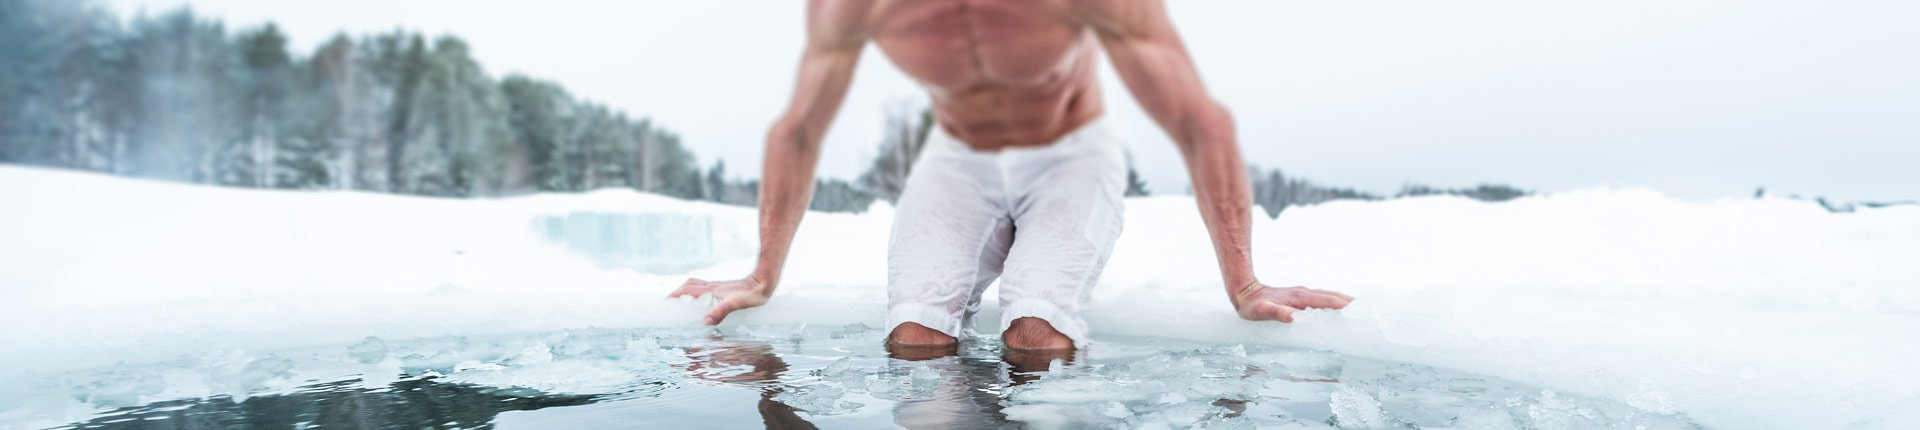 Czy lodowata kąpiel po treningu może przyspieszyć regenerację mięśni?